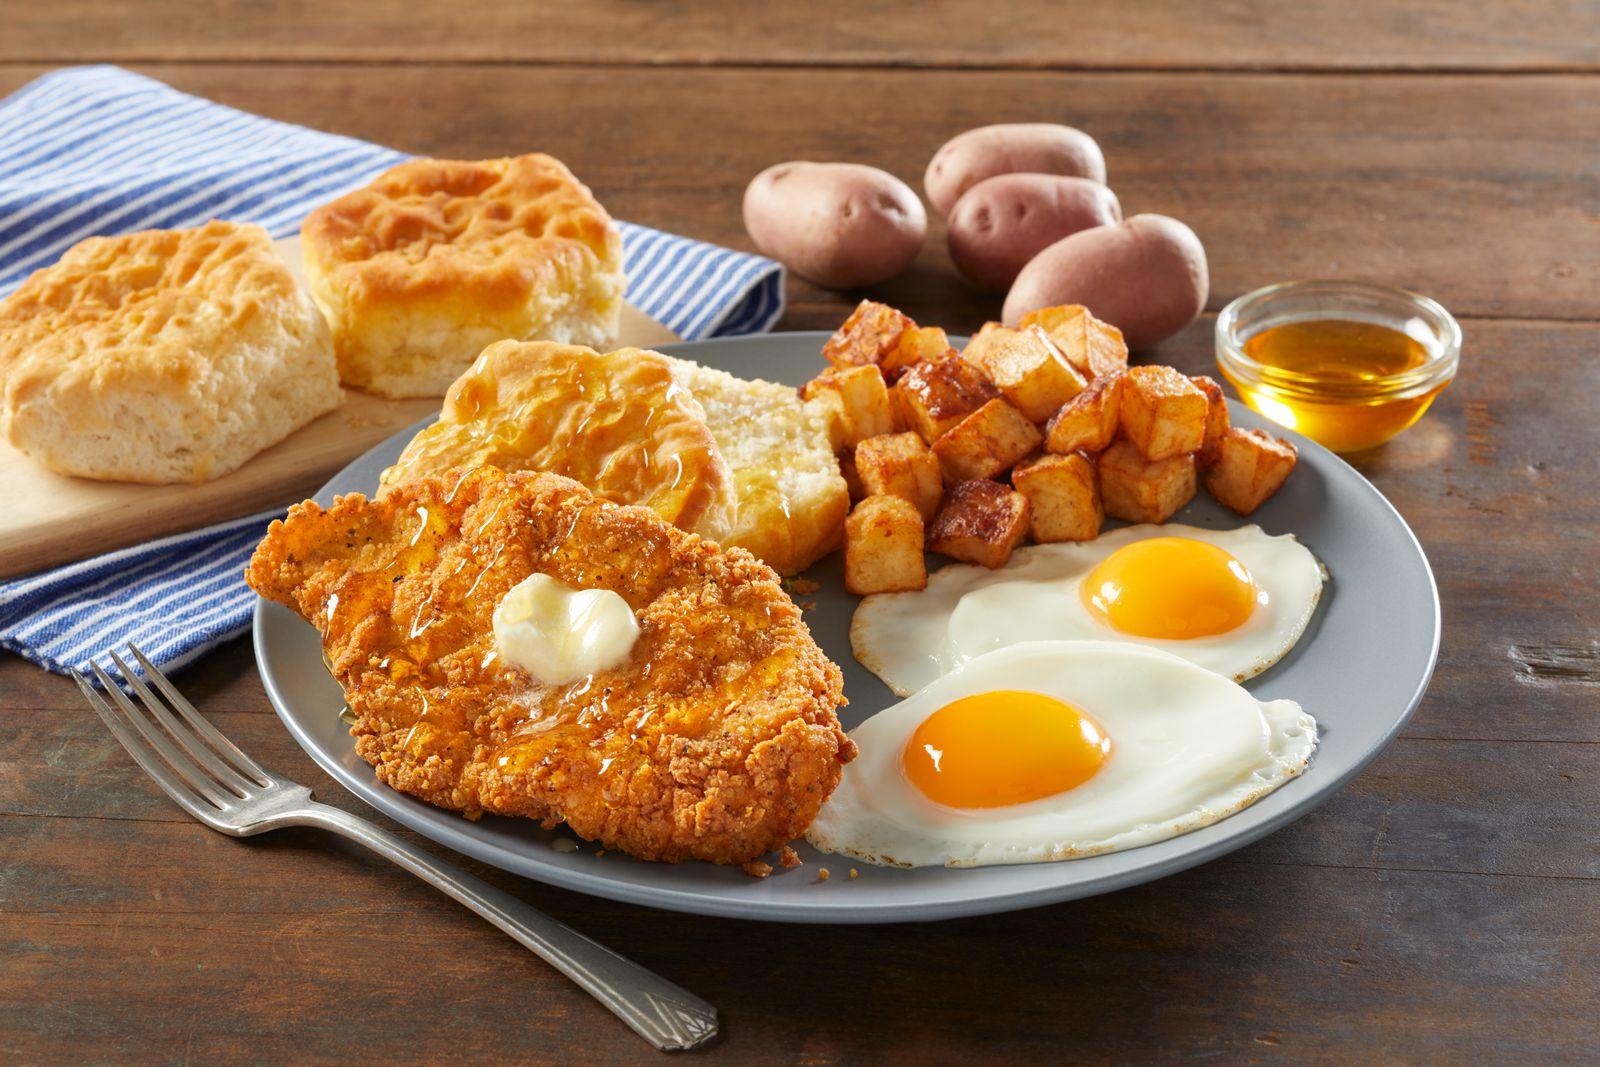 Bob Evans Honey Butter Chicken & Biscuit Breakfast